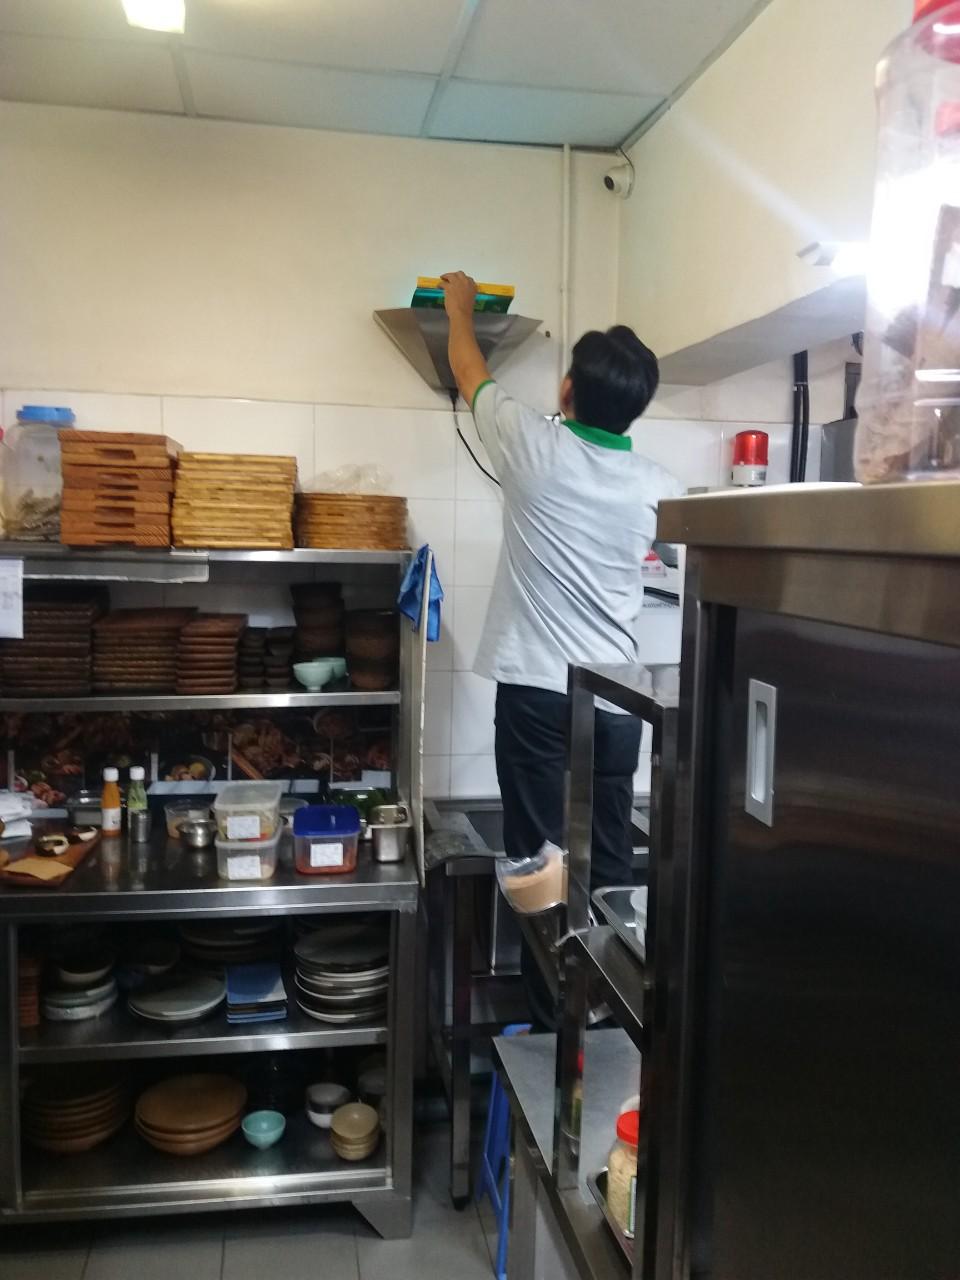 Hiệu quả sau khi diệt sạch côn trùng trong khu bếp nhà hàng